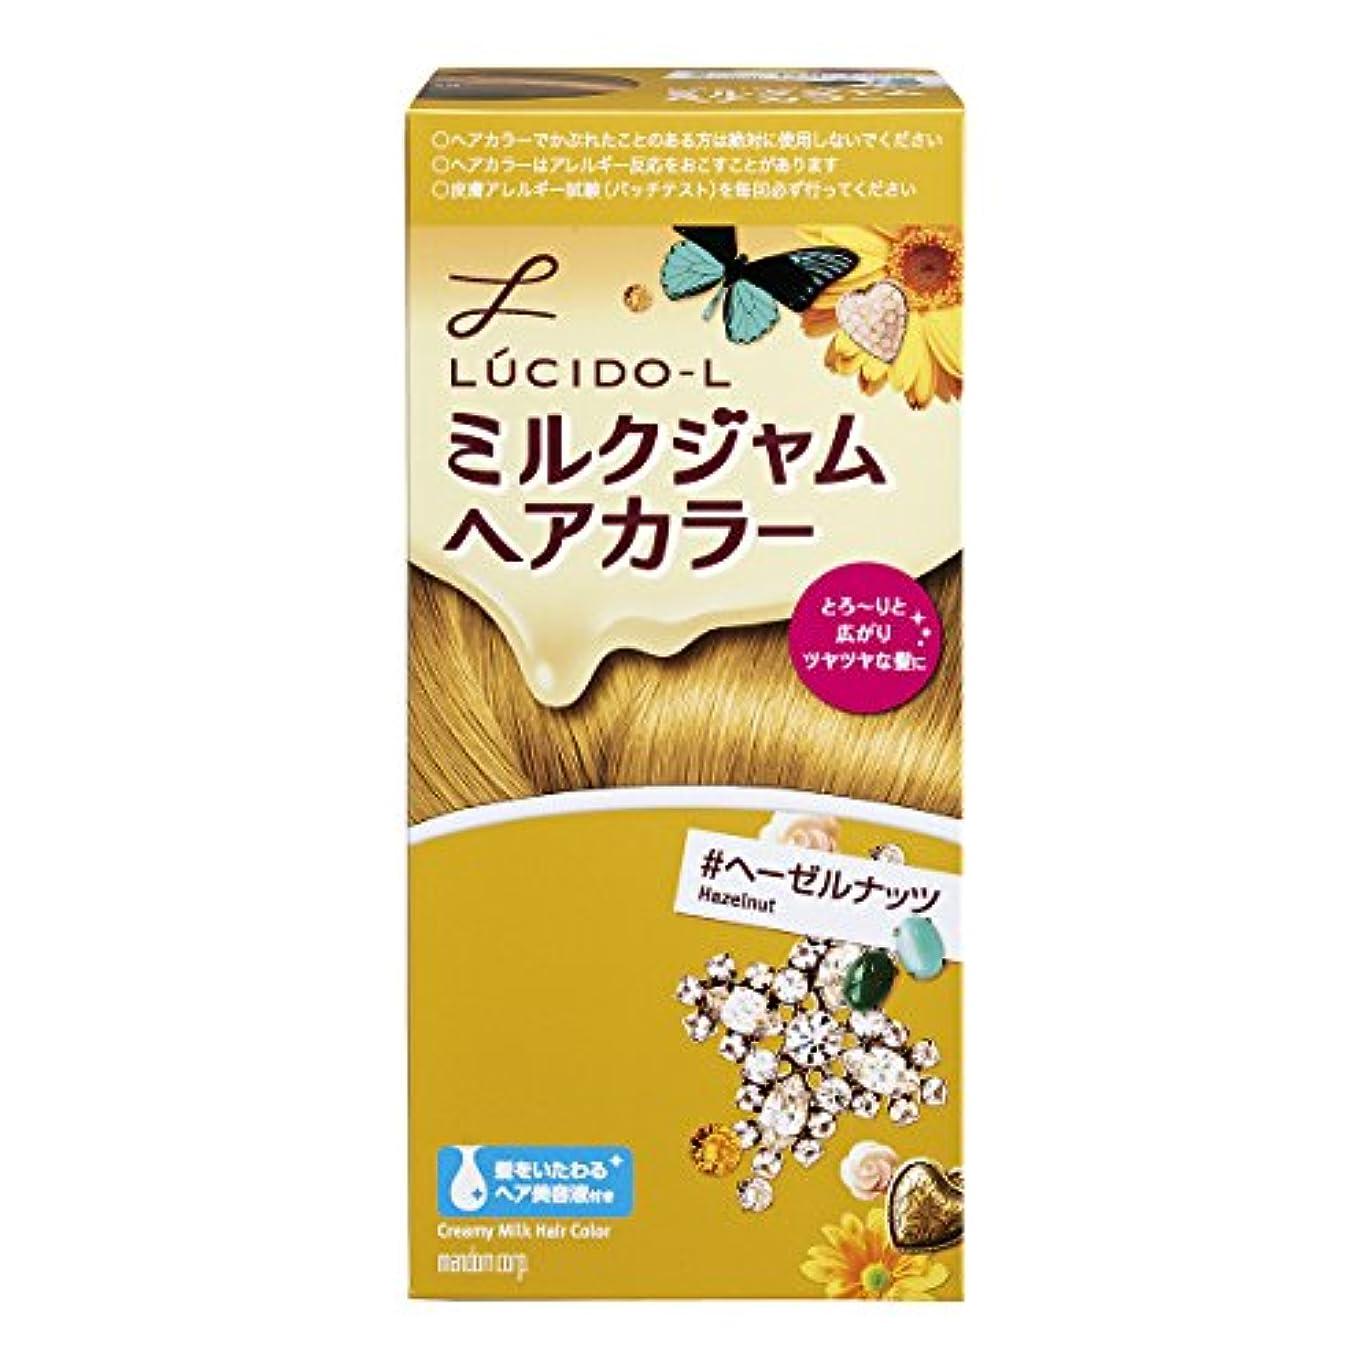 ポーター隠された素子LUCIDO-L (ルシードエル) ミルクジャムヘアカラー #ヘーゼルナッツ (医薬部外品) (1剤40g 2剤80mL TR5g)